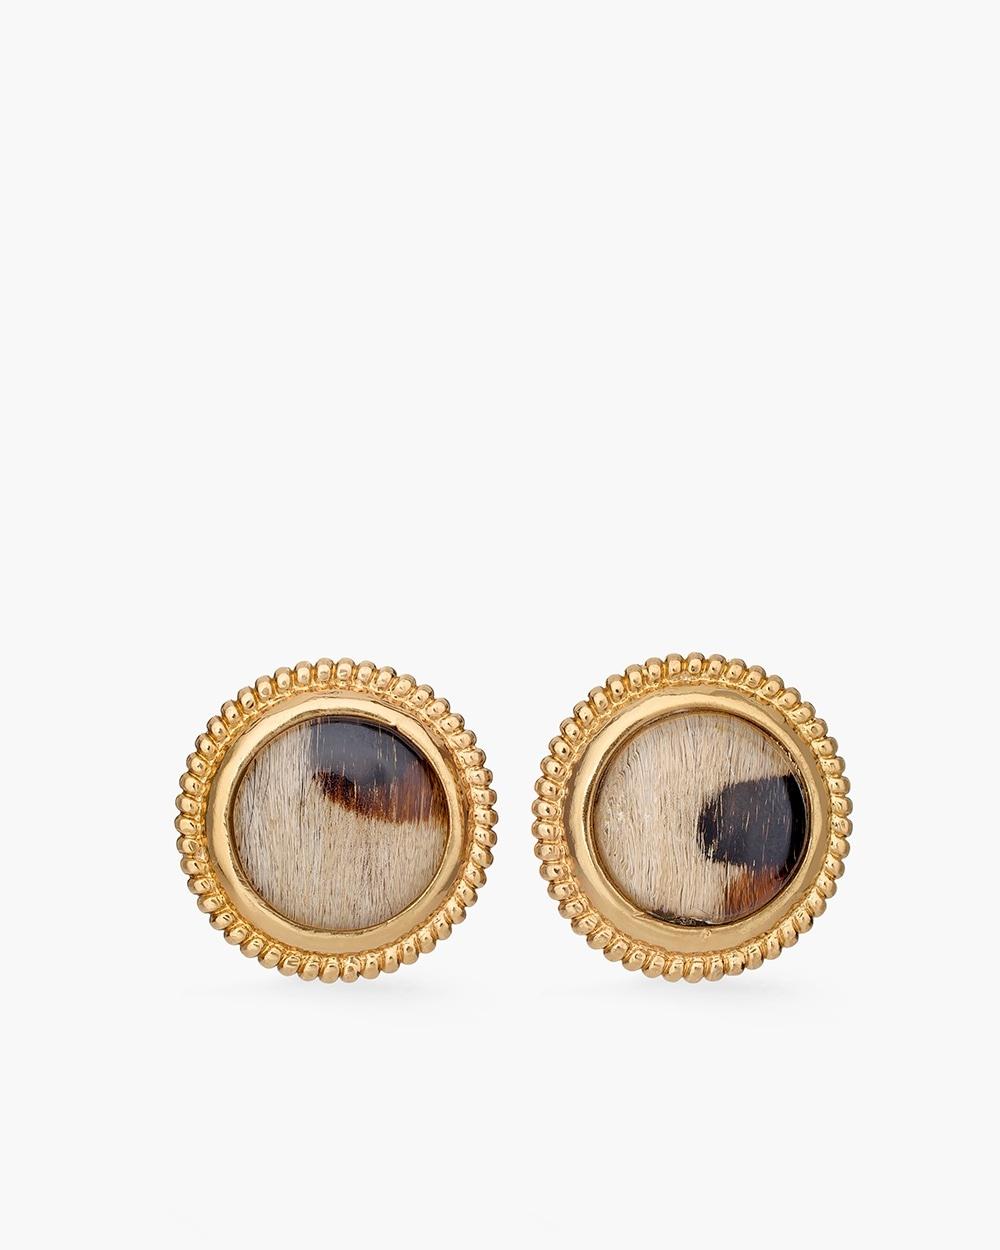 Leopard Print Clip On Earrings